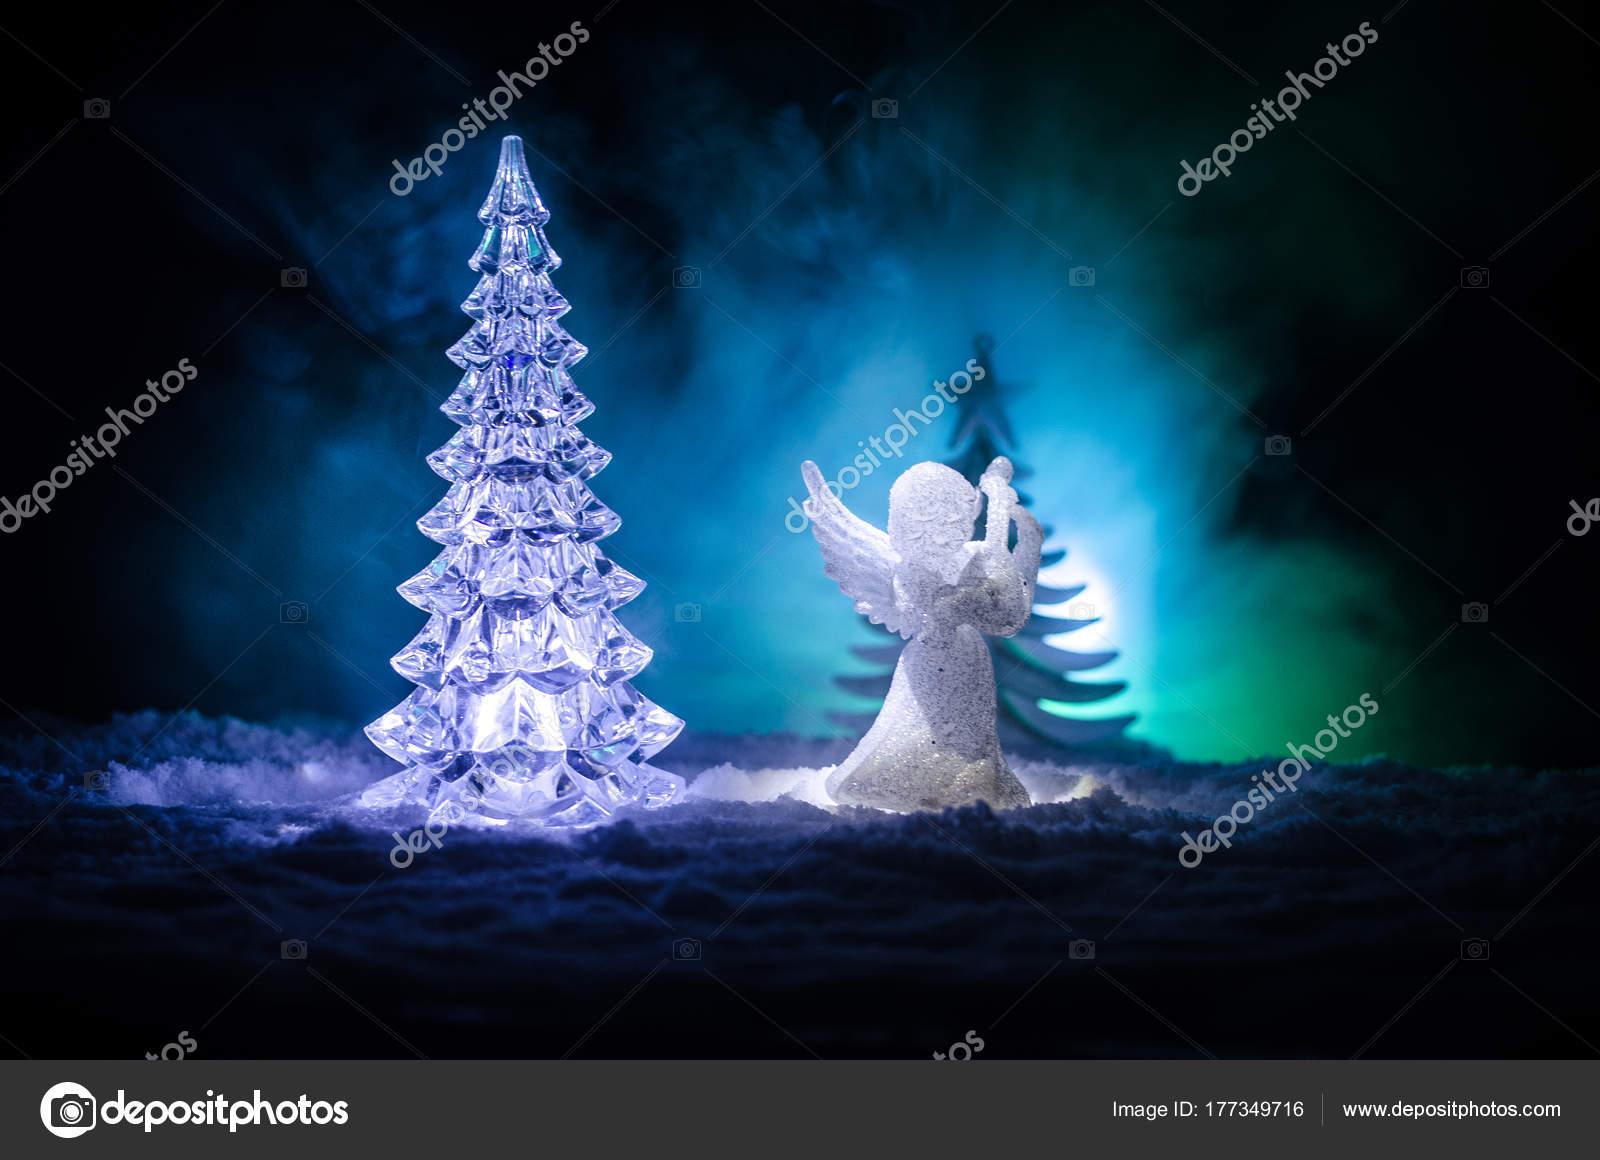 Xmas Deko Weihnachtsbaum.Weihnachtsengel Glas Xmas Figur Und Glas Tannenbaum Weihnachtsbaum